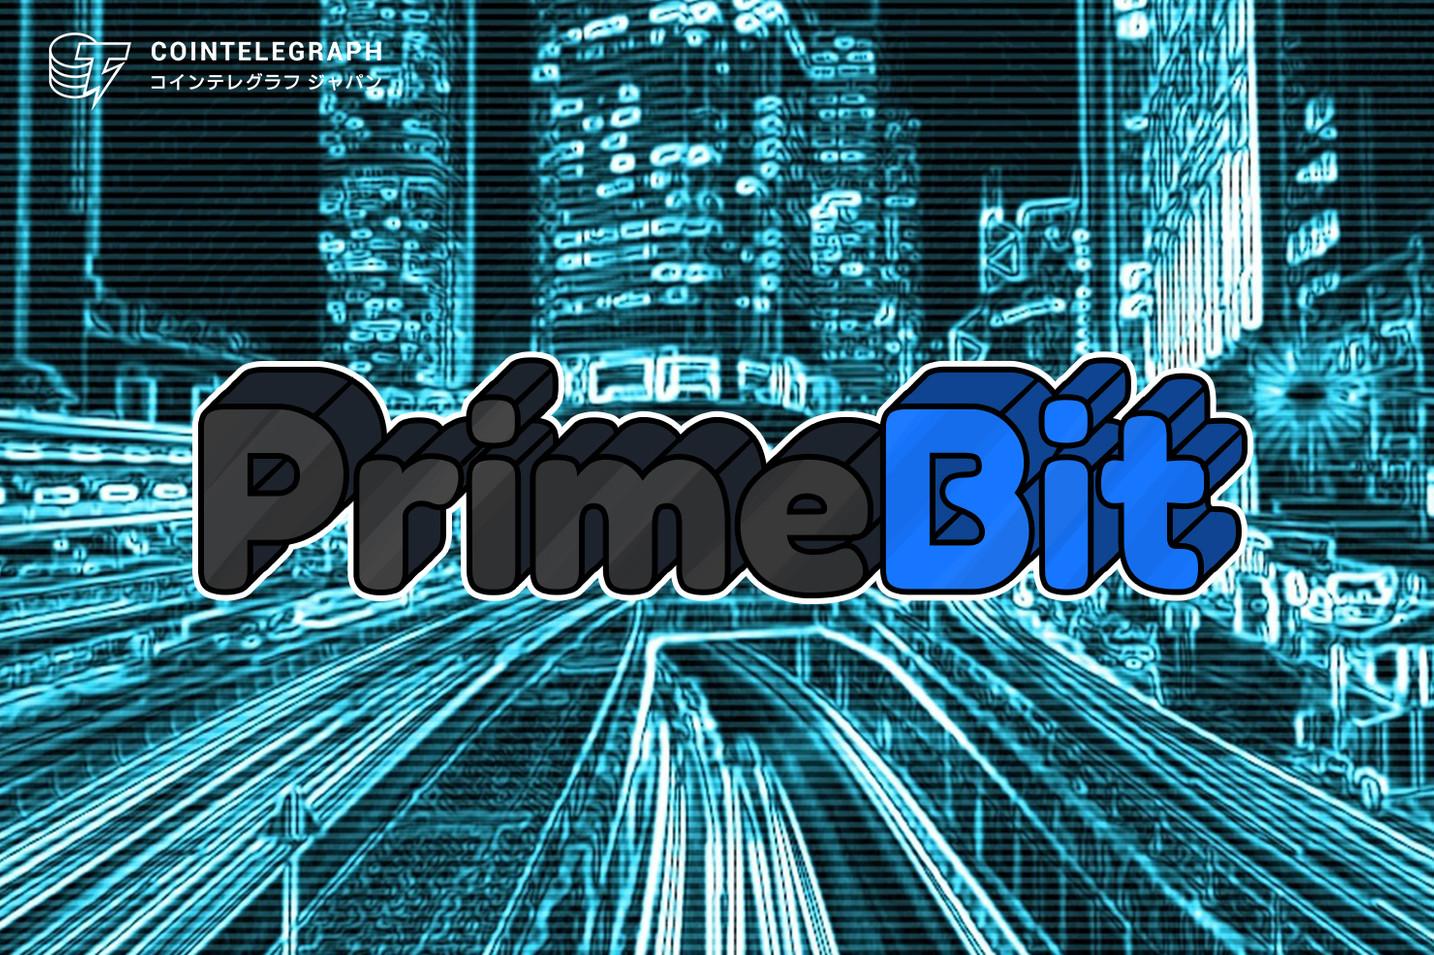 革新的なP2P仮想通貨取引所、PrimeBitをご紹介します